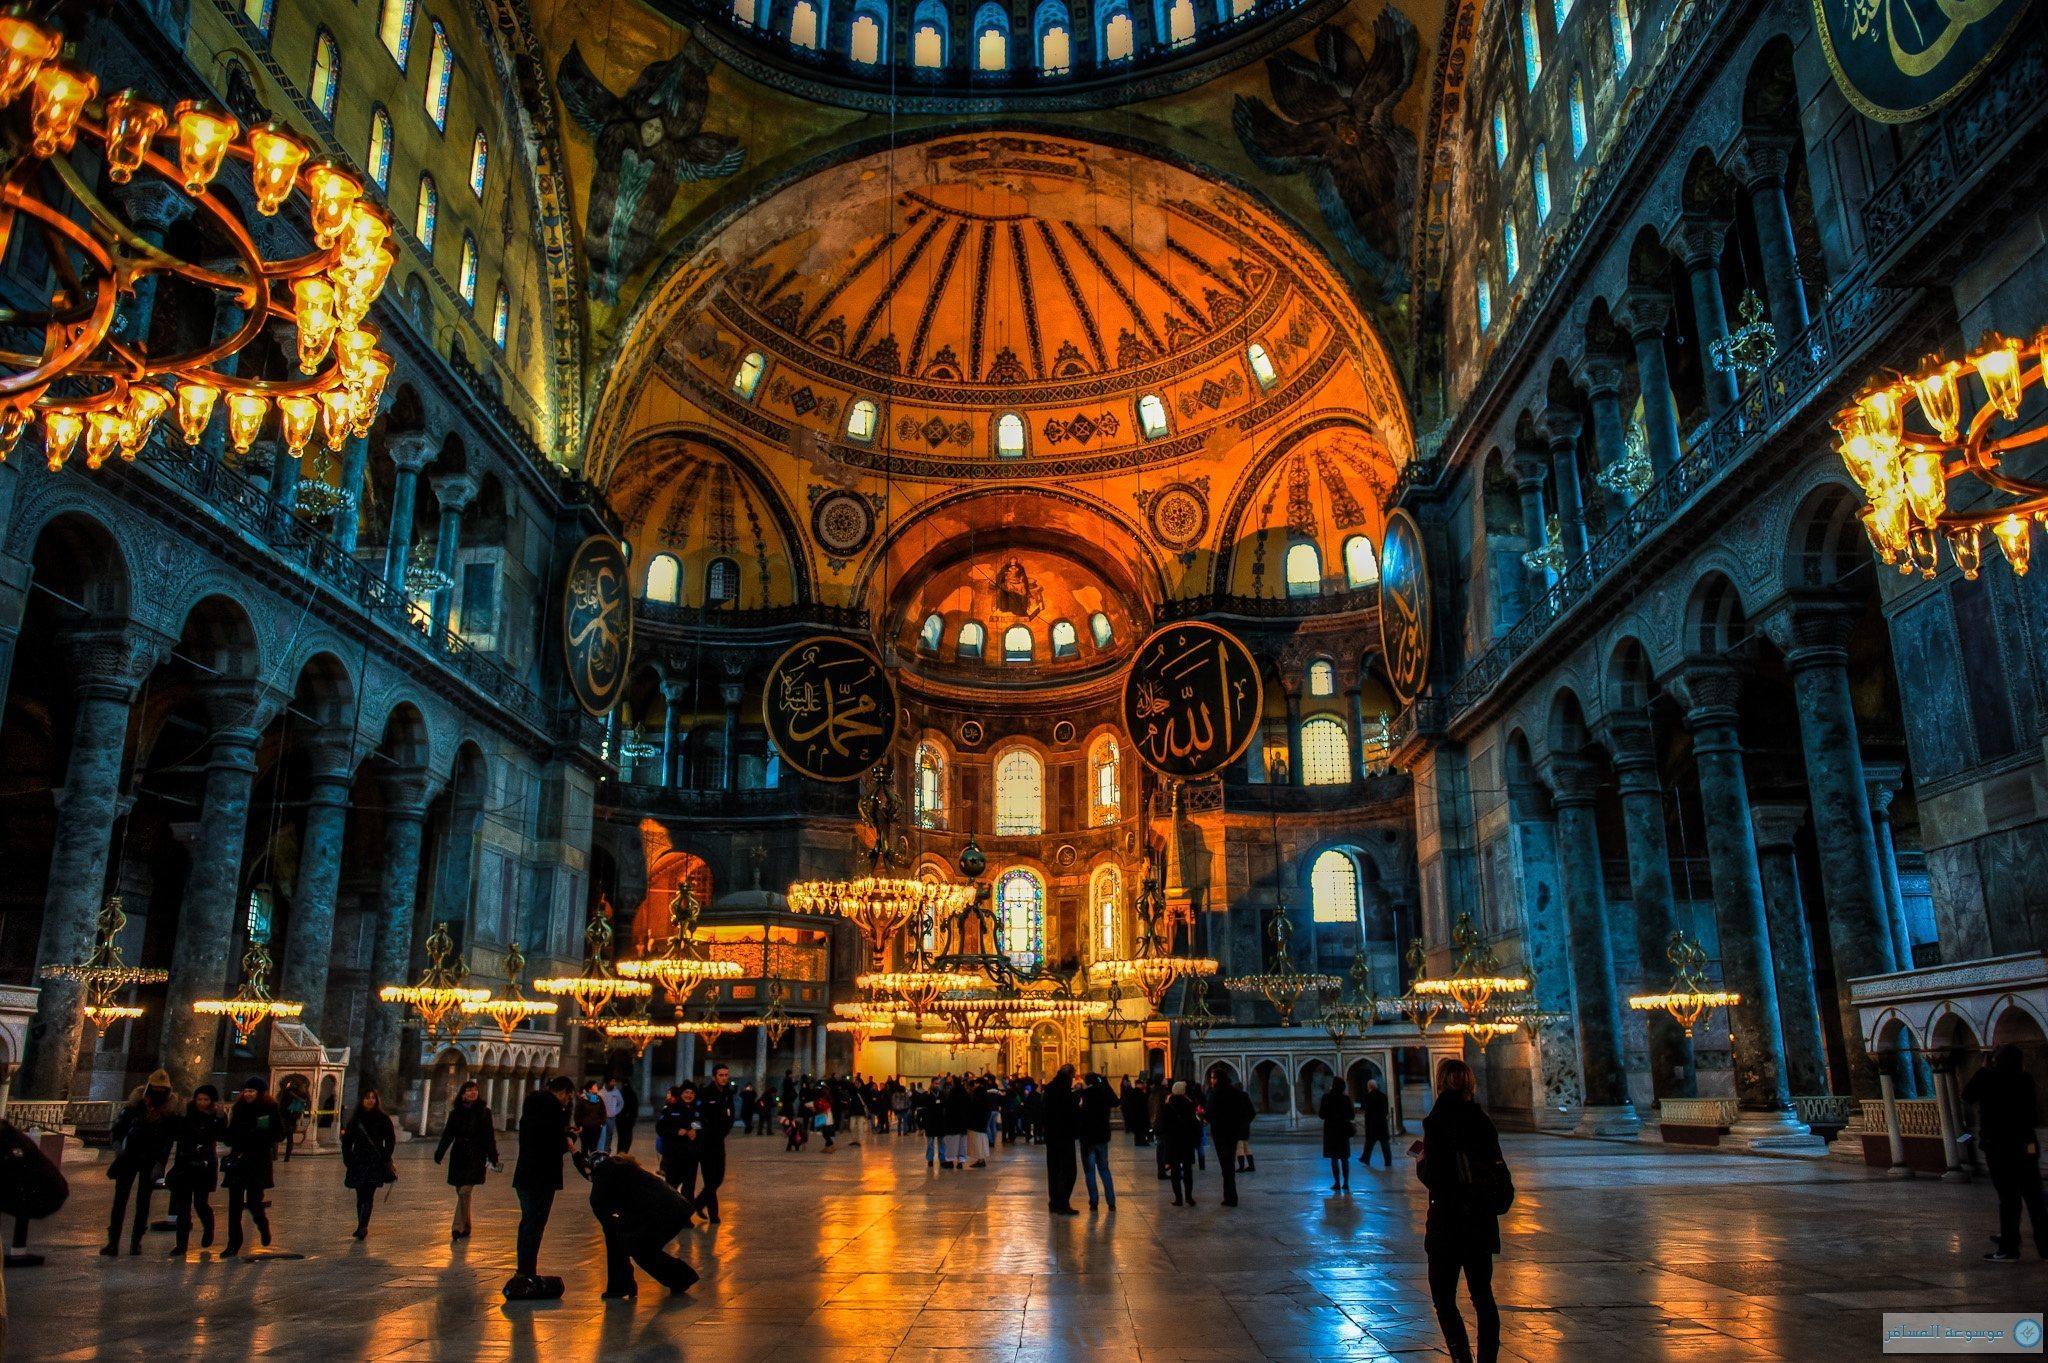 أنشطة في متحف آيا صوفيا اسطنبول تركيا